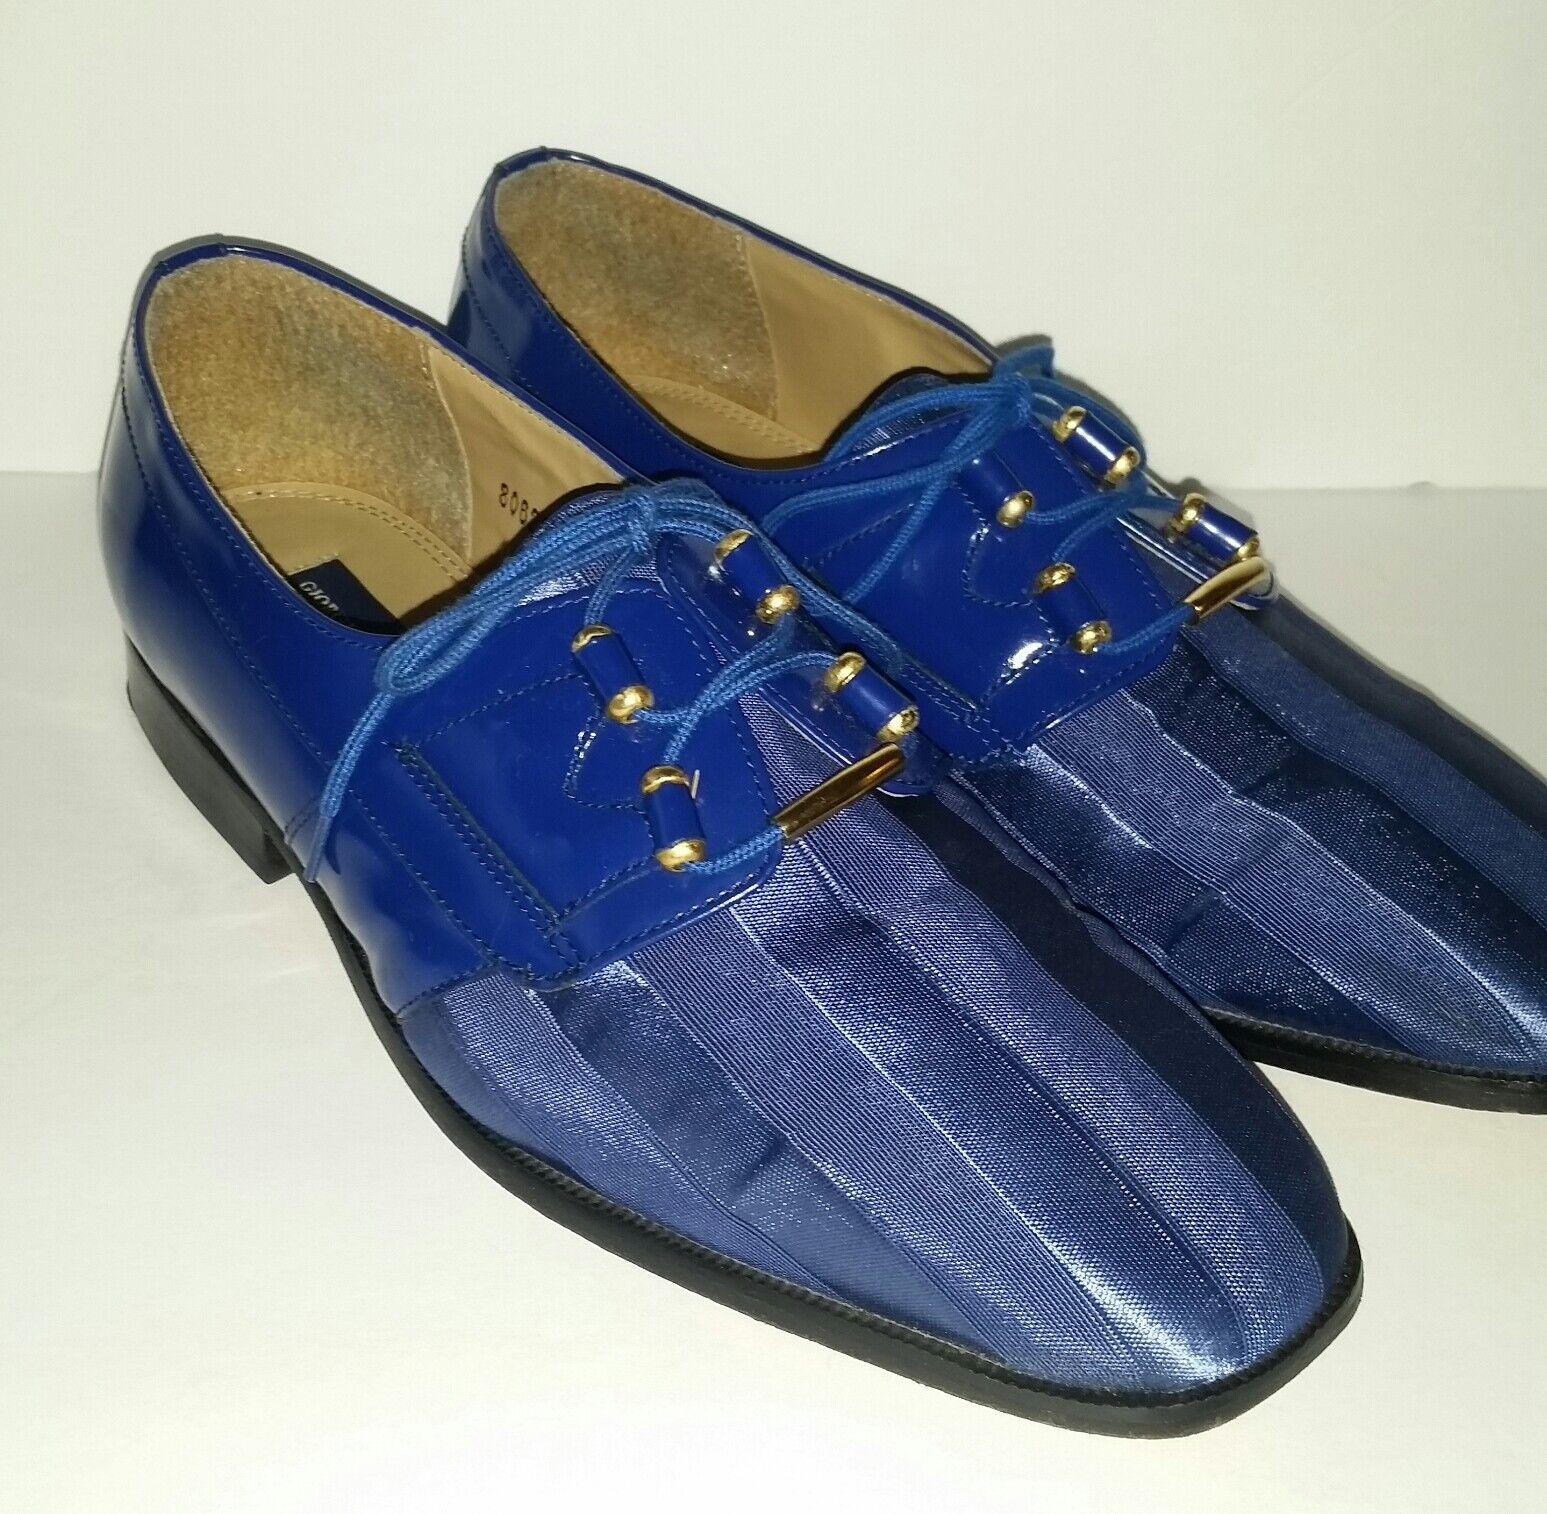 Giorgio Brutini Private Collection Striped Satin Patent Dress Oxfords Men's 9.5